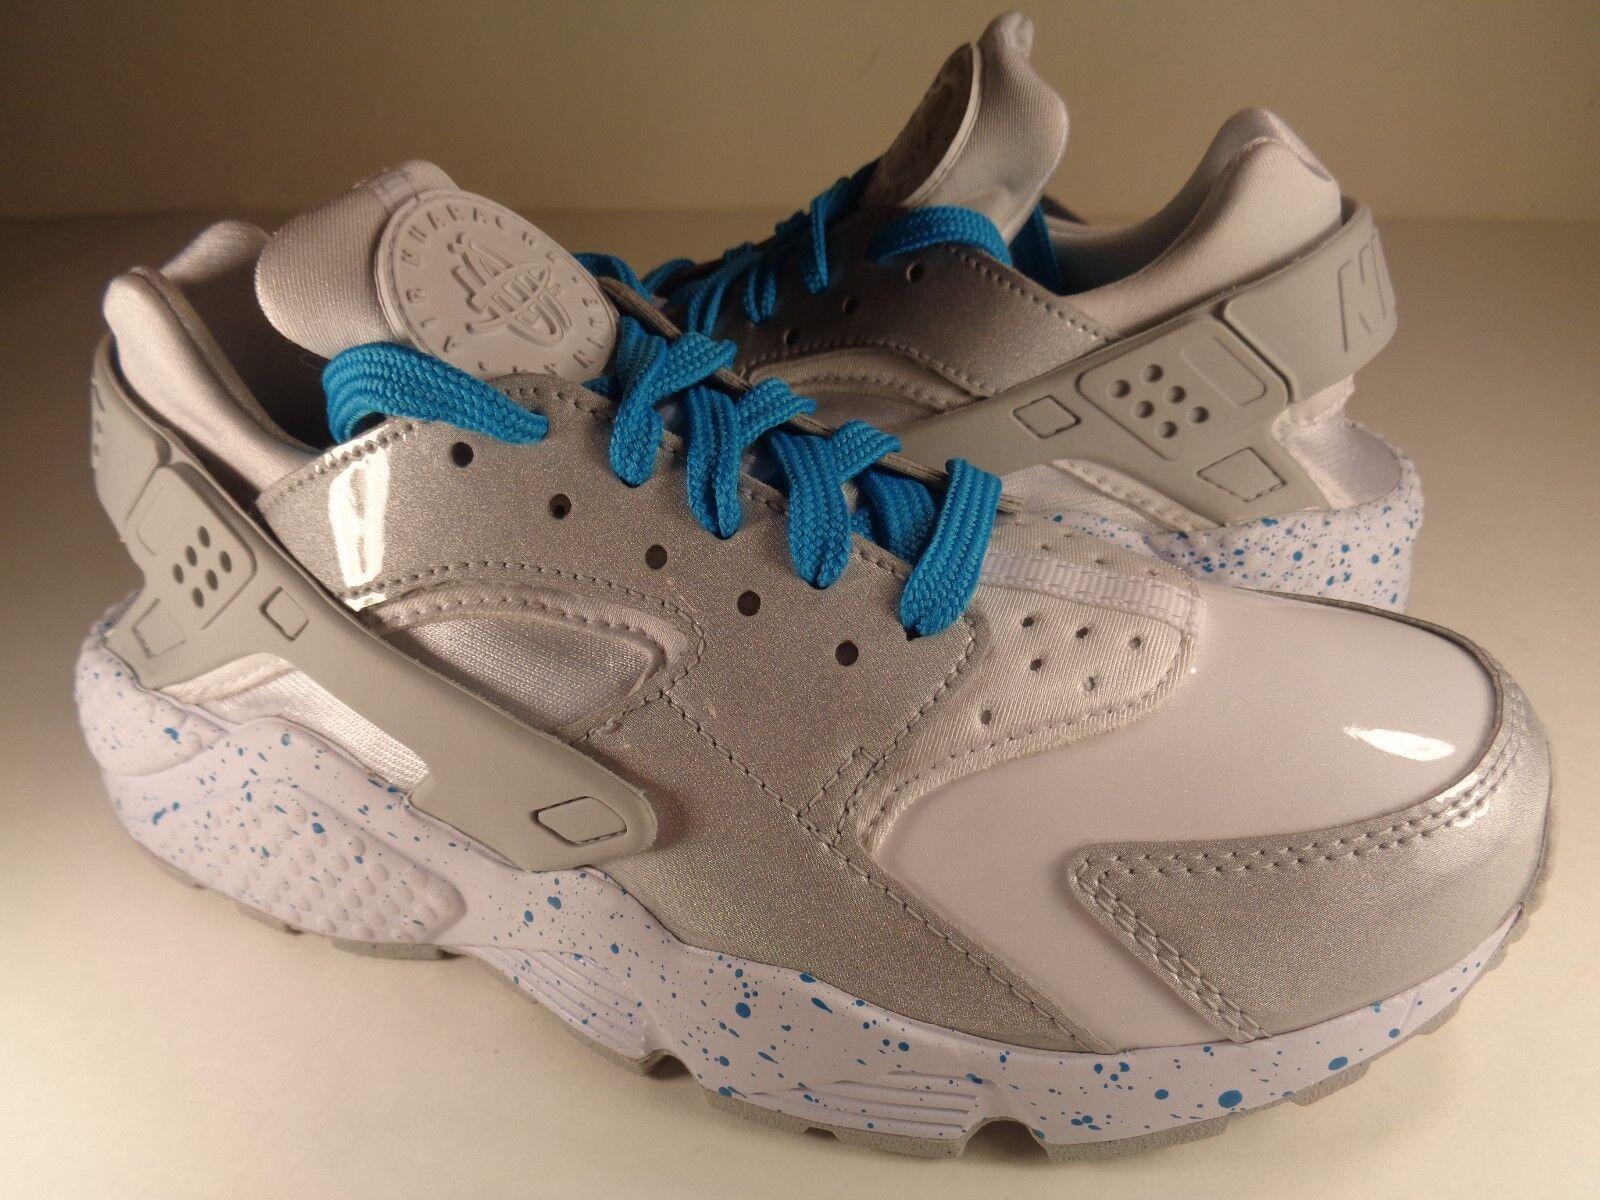 Womens Nike Air Huarache Run iD Aqua Grey White Gloss SZ 6.5 (871141-993)